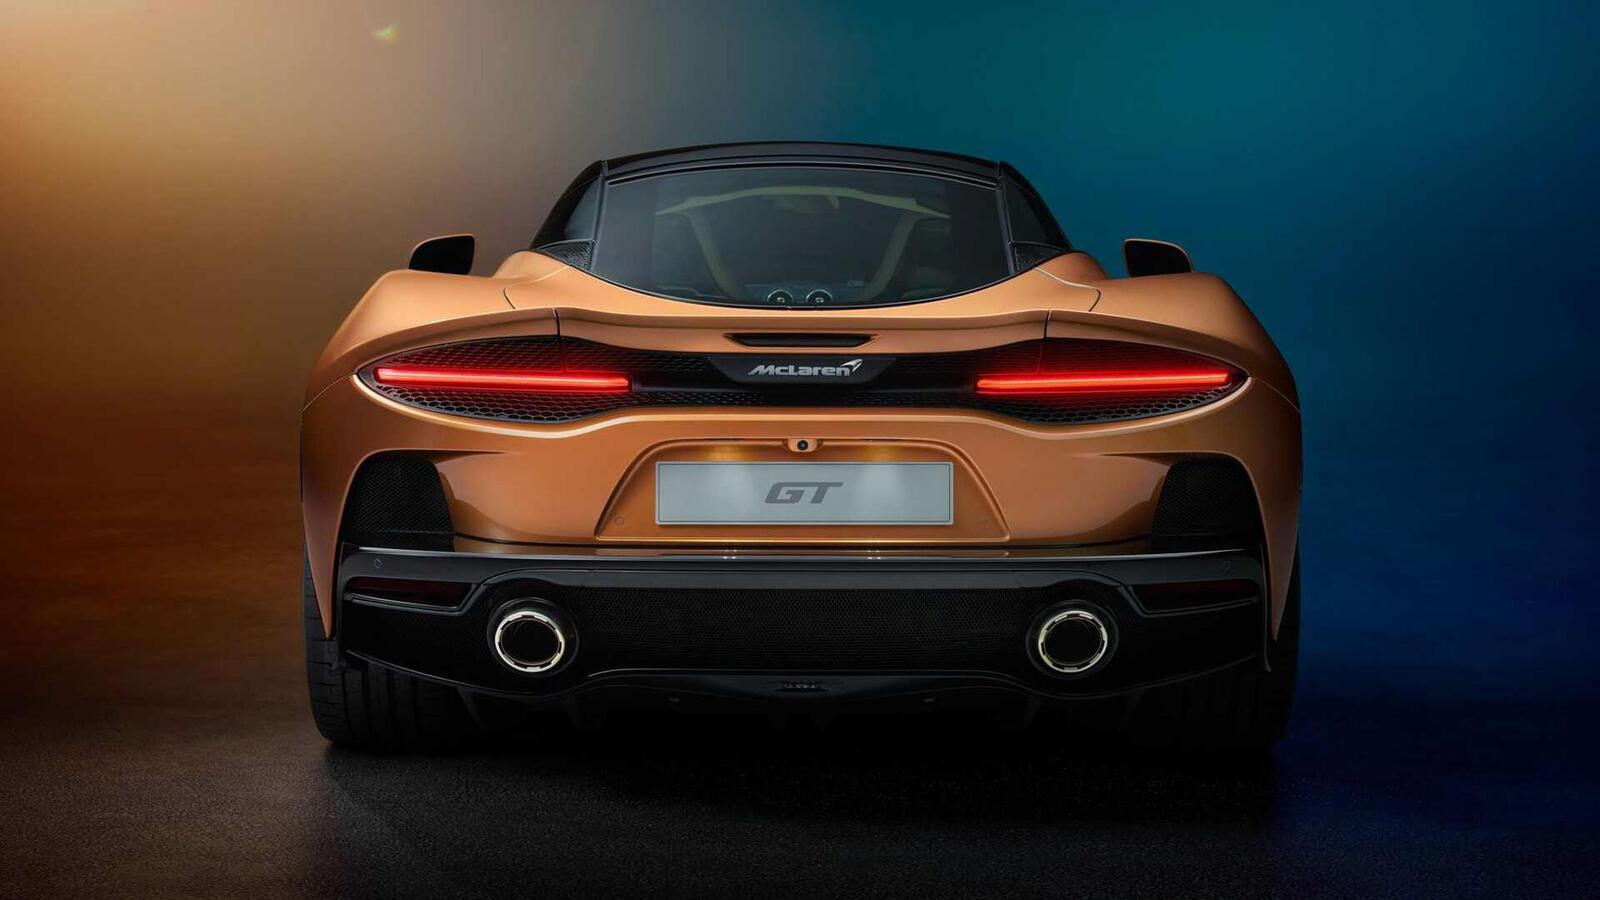 McLaren giới thiệu siêu xe GT 2020 hoàn toàn mới: Động cơ mạnh mẽ và cabin thoải mái - Hình 23